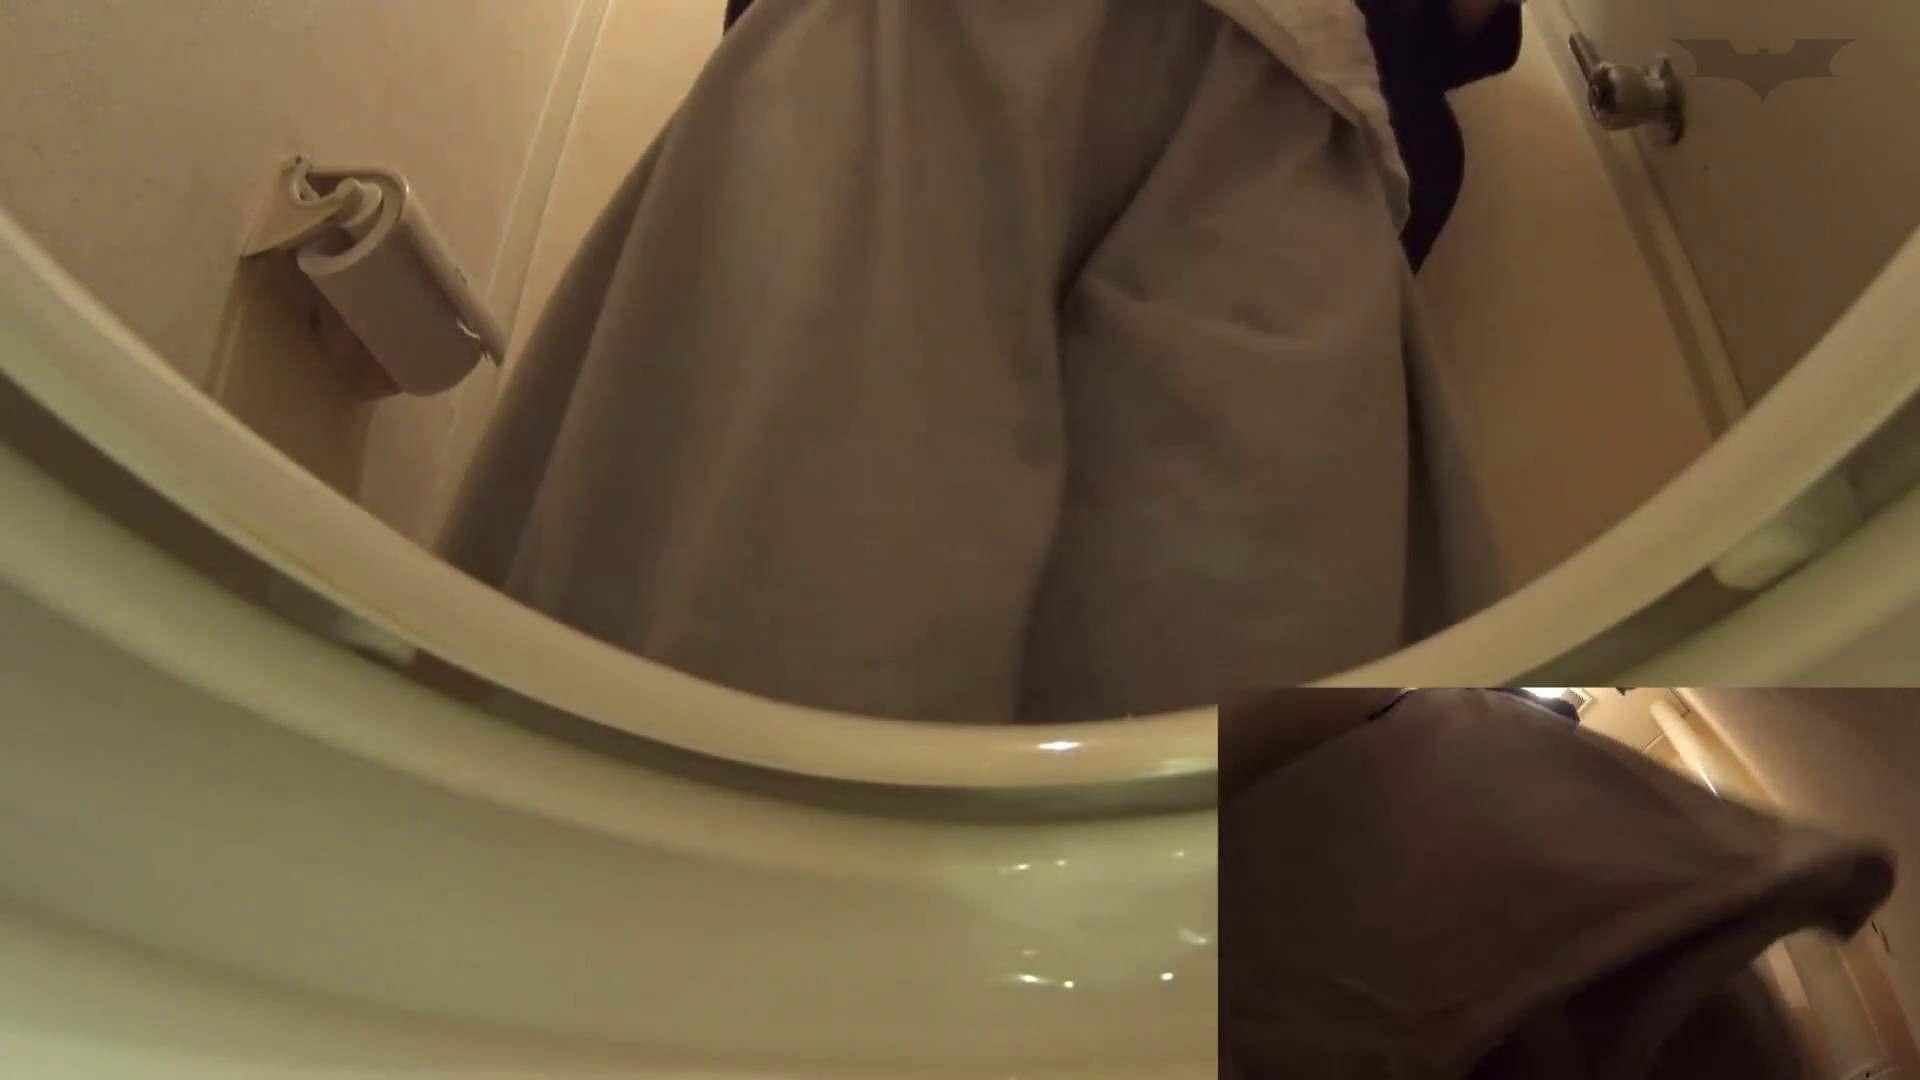 vol.05[洗面所]実はコレが目的でした。 洗面所のぞき スケベ動画紹介 112枚 62